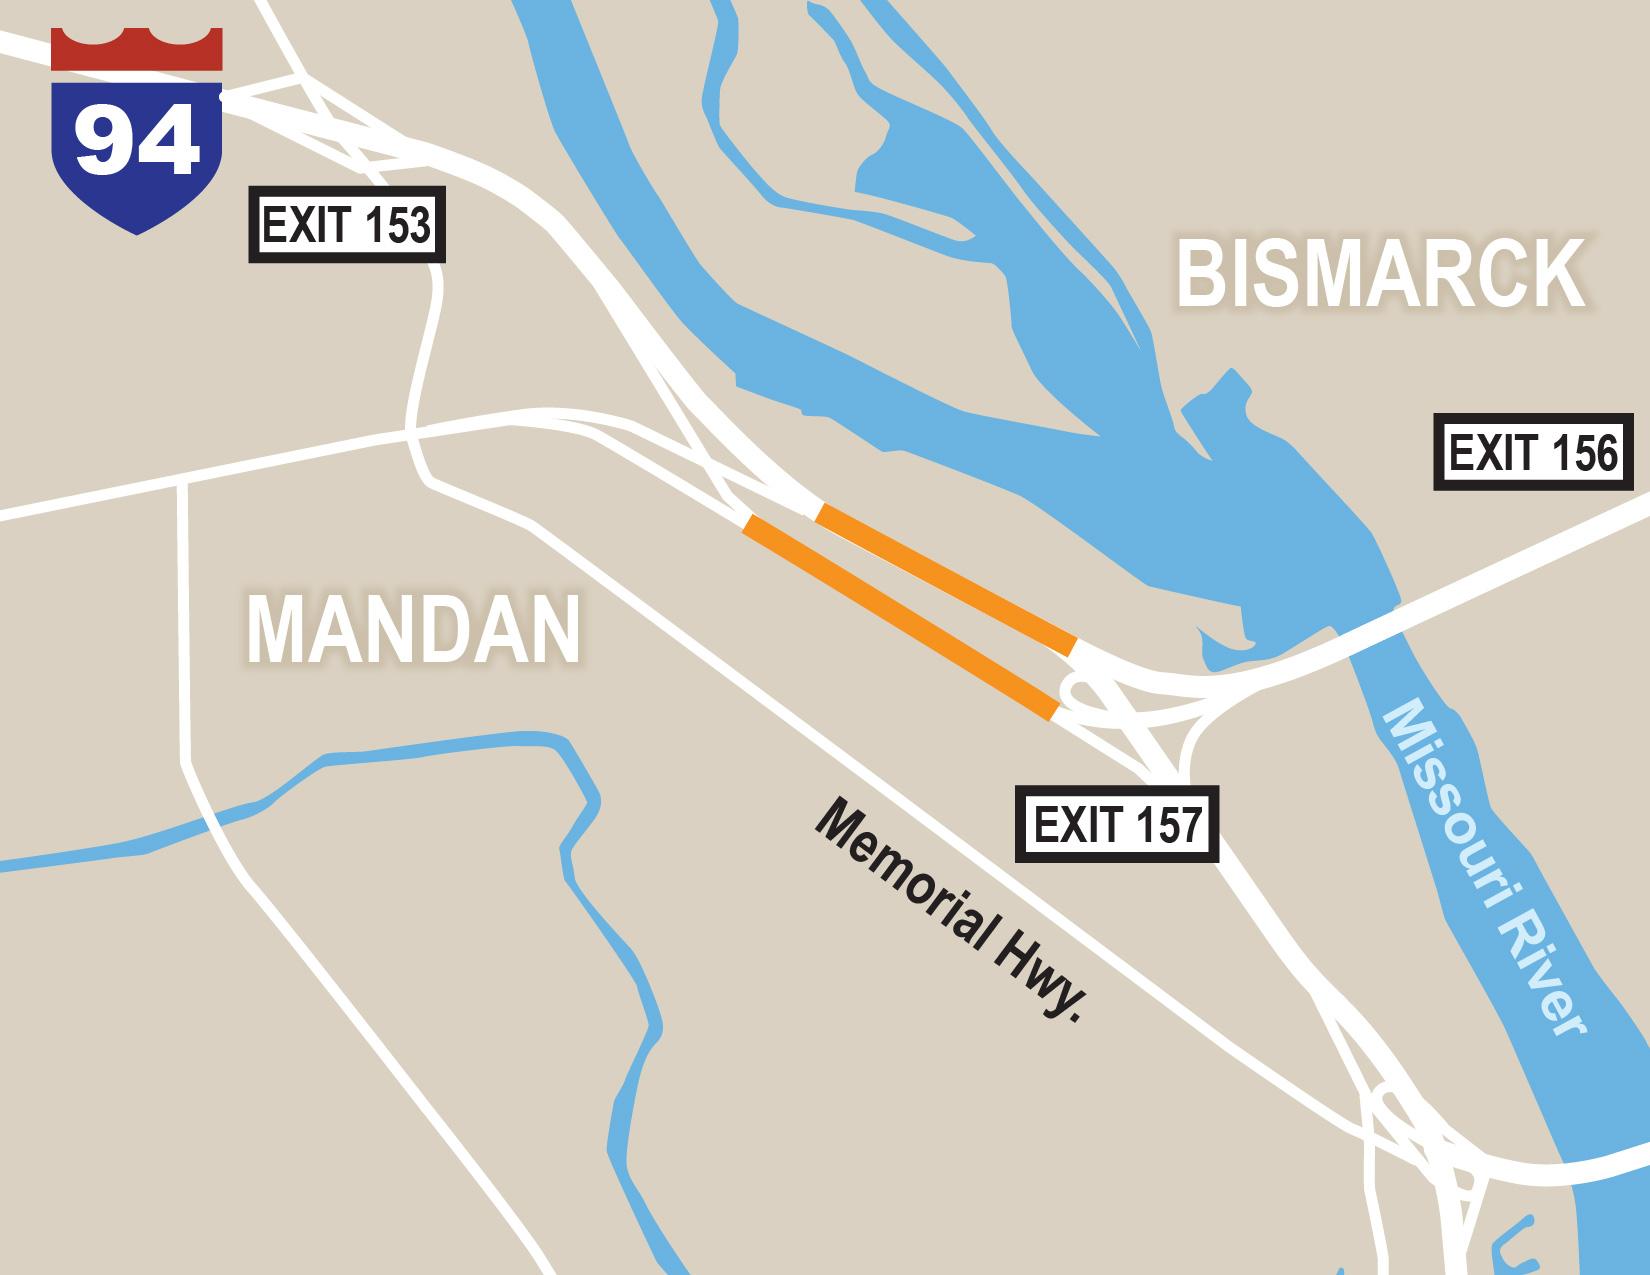 NDDOT - I-94 Mandan & Bismarck Expressway